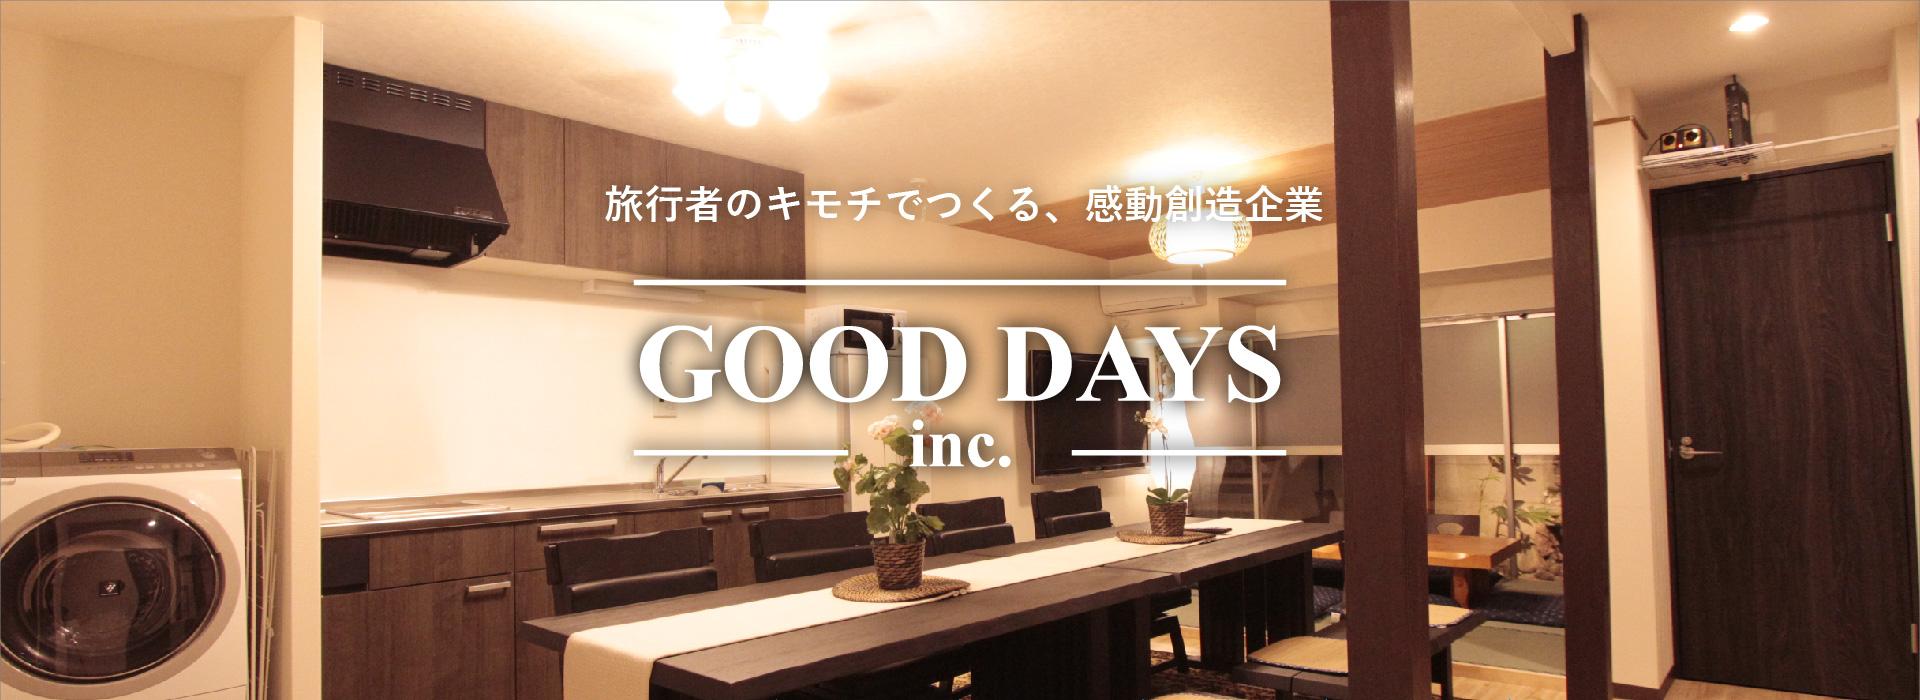 旅行者のキモチでつくる、感動創造企業 GOOD DAYS Inc. グッドデイズ 株式会社